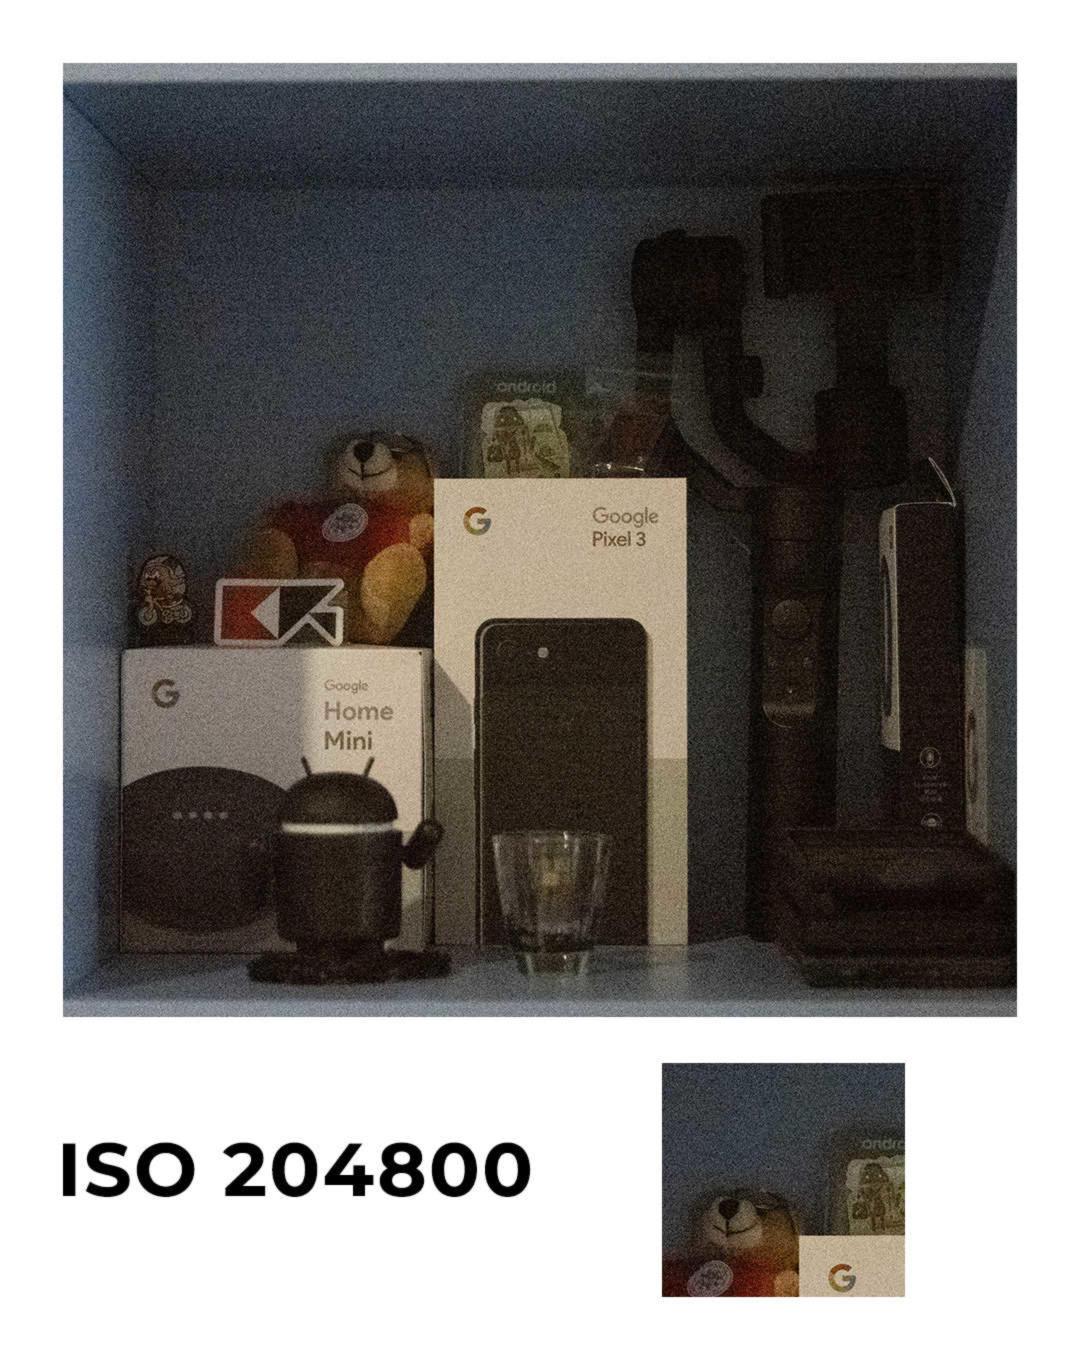 Panasonic Lumix S1 ISO204800